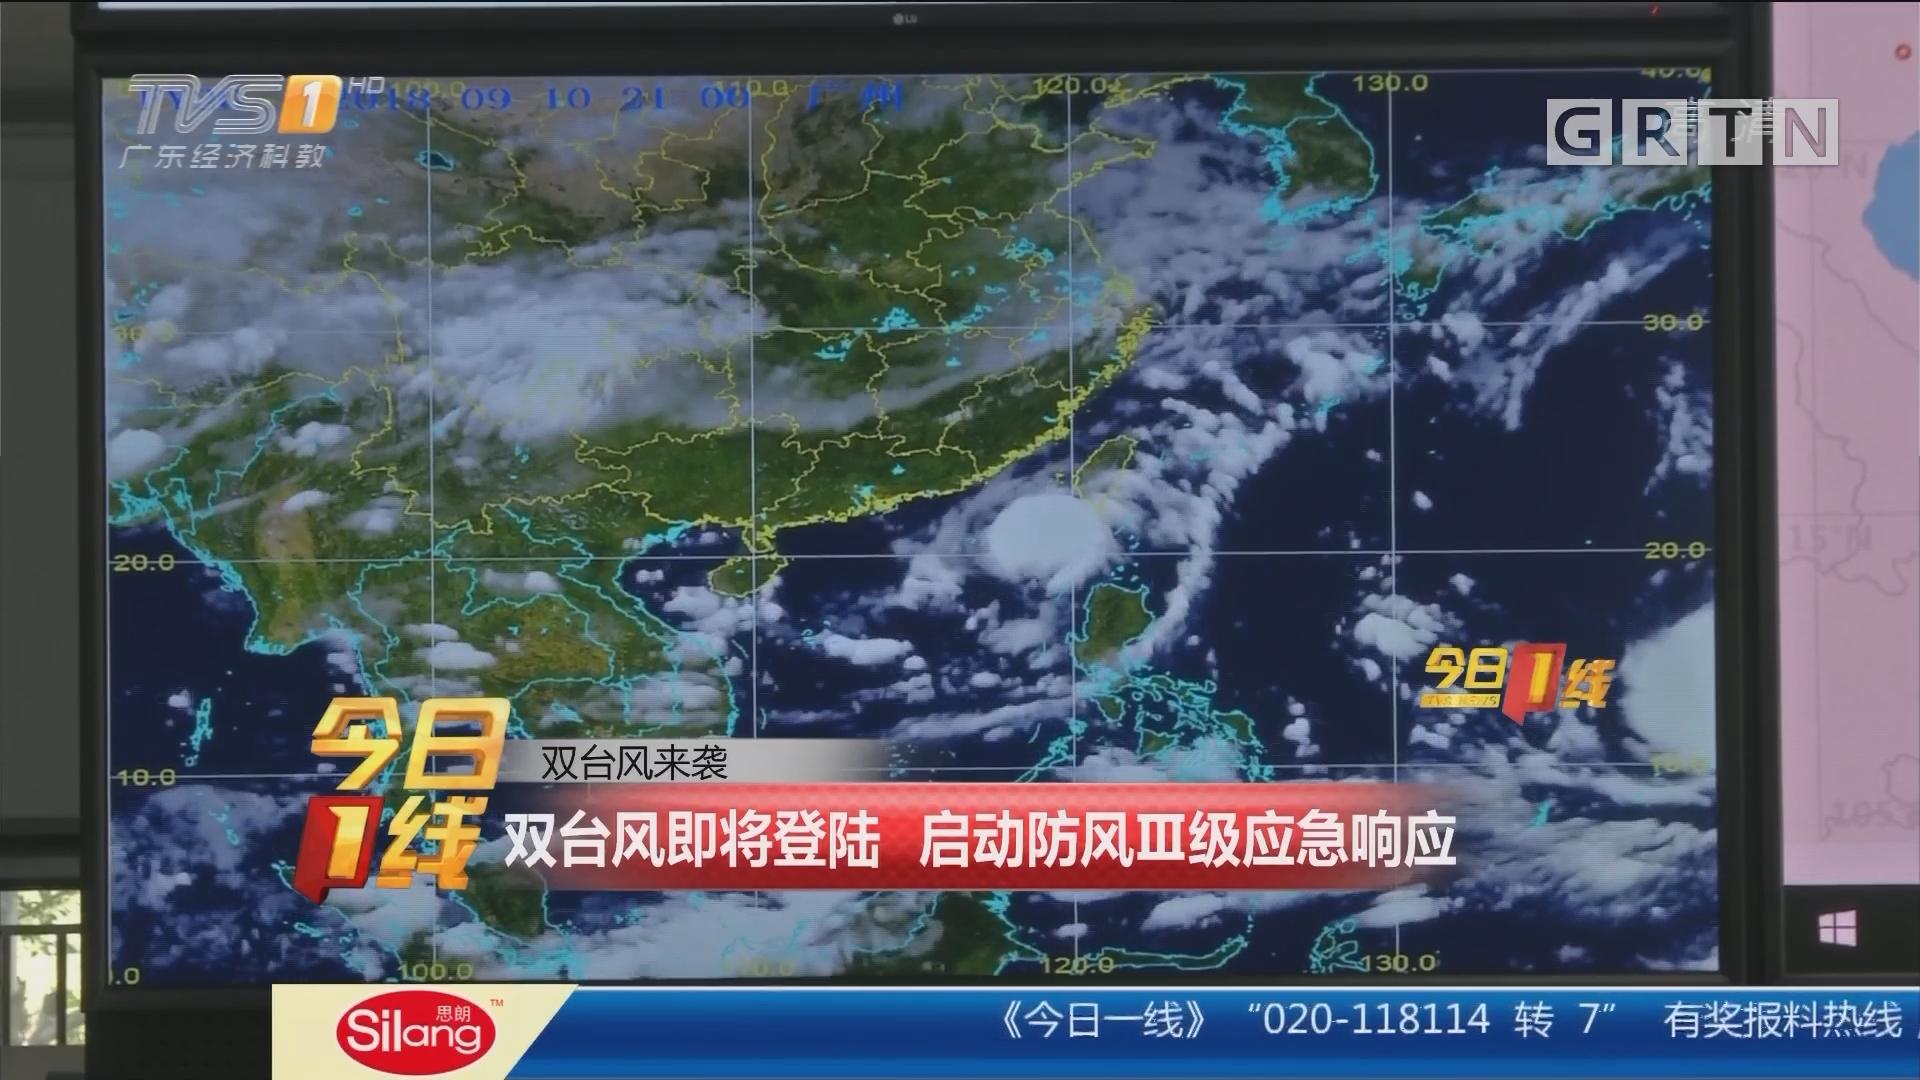 双台风来袭:双台风即将登陆 启动防风III级应急响应